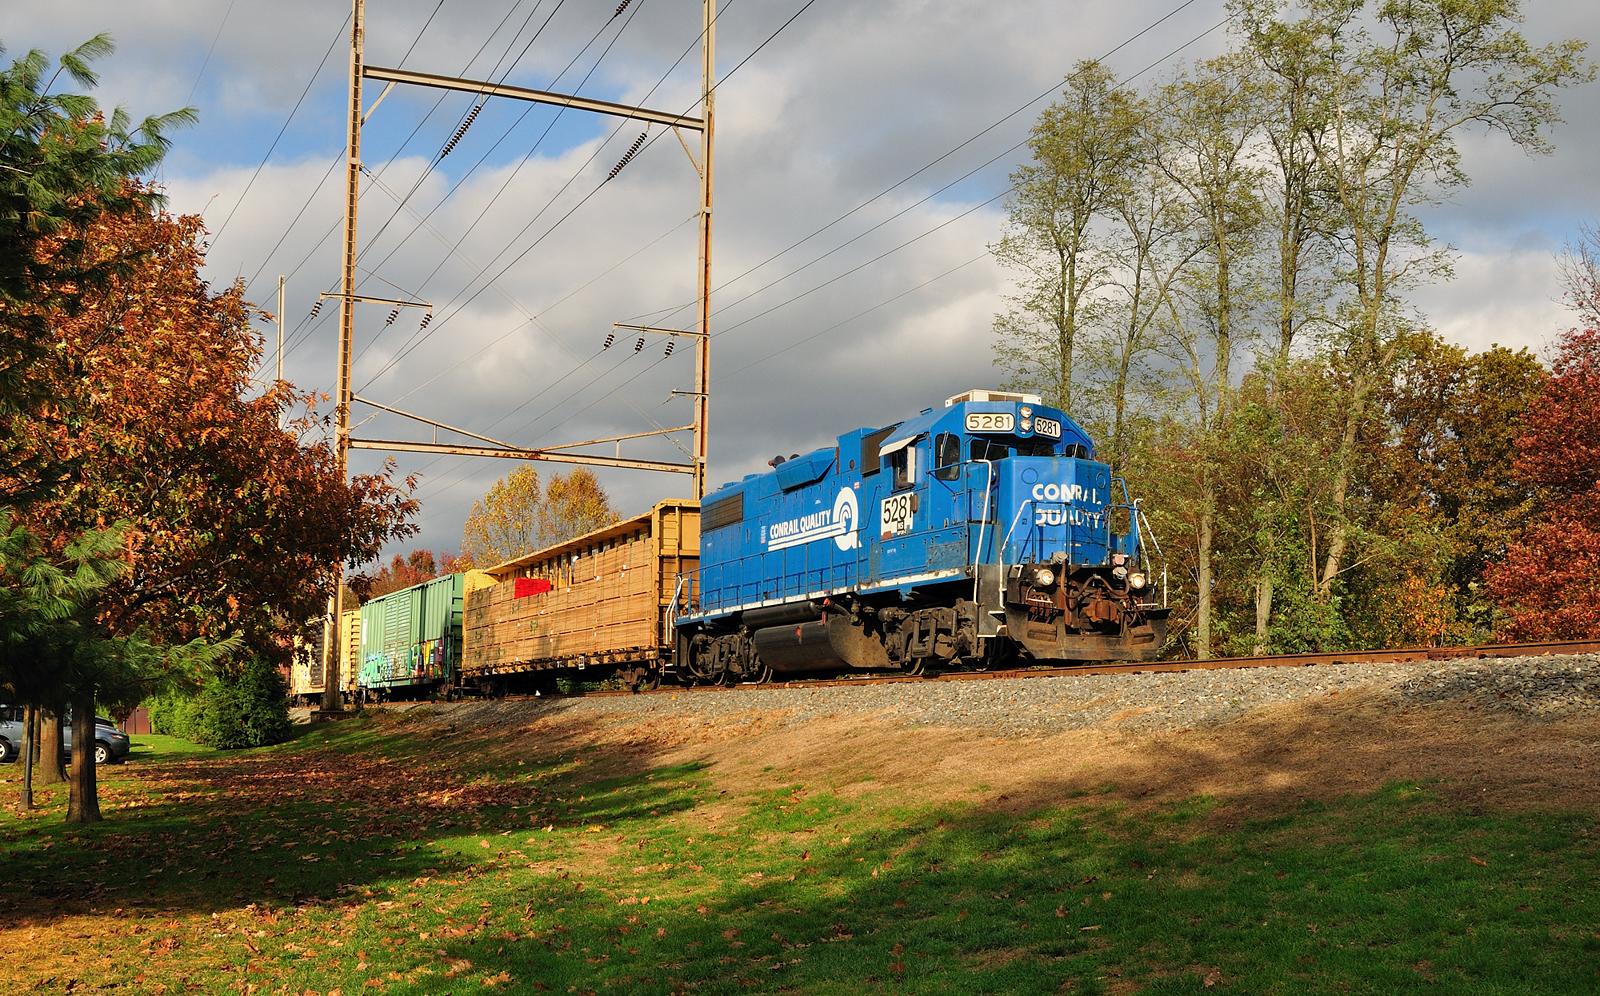 Conrail Southern Secondary Shrewsbury NJ NS5281 Conrail Quality